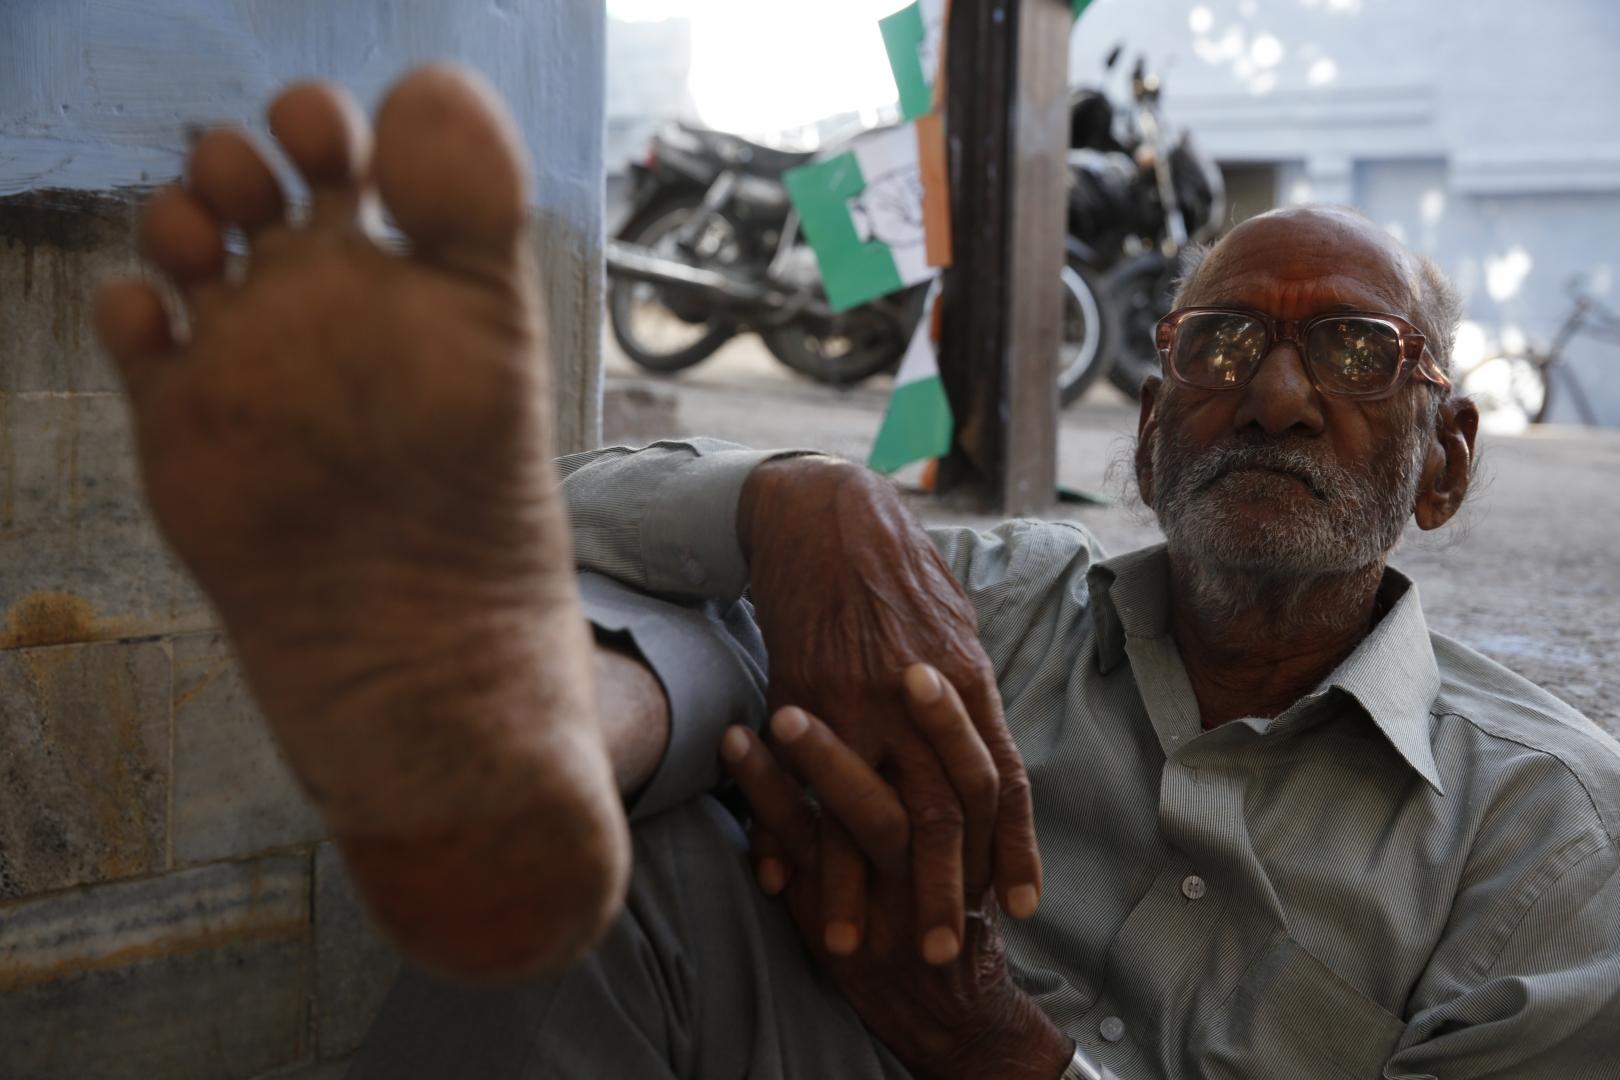 Местный житель на улице. В Индии люди очень часто передвигаются босиком — температура позволяет, чего не скажешь о чистоте, но это никого не смущает